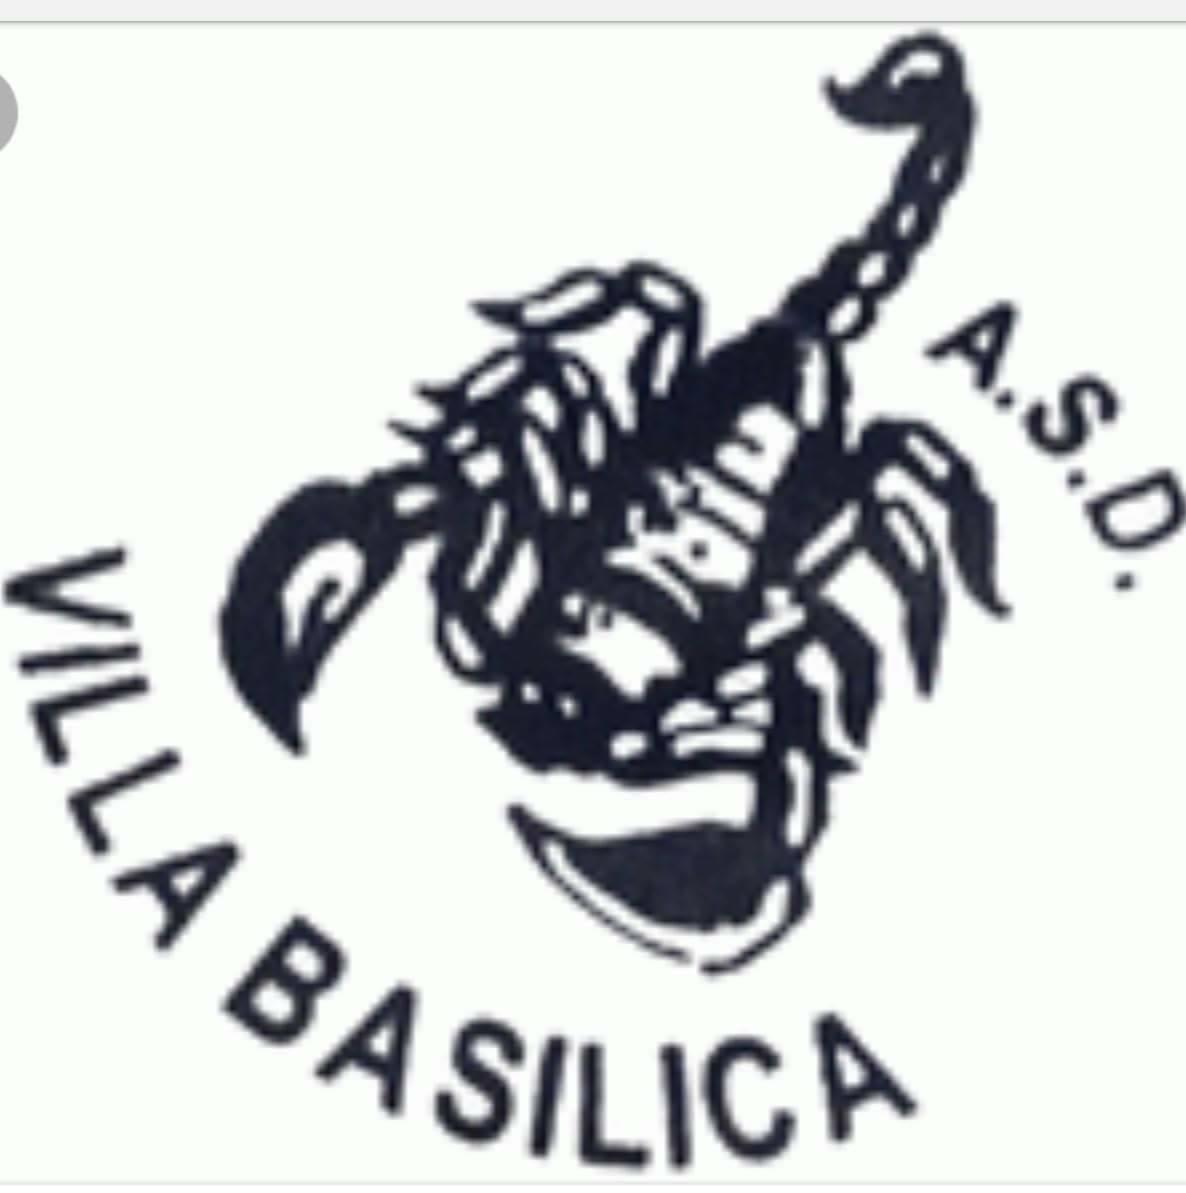 Promozione, Villa Basilica esonerato Bicchieri squadra a Lazzari